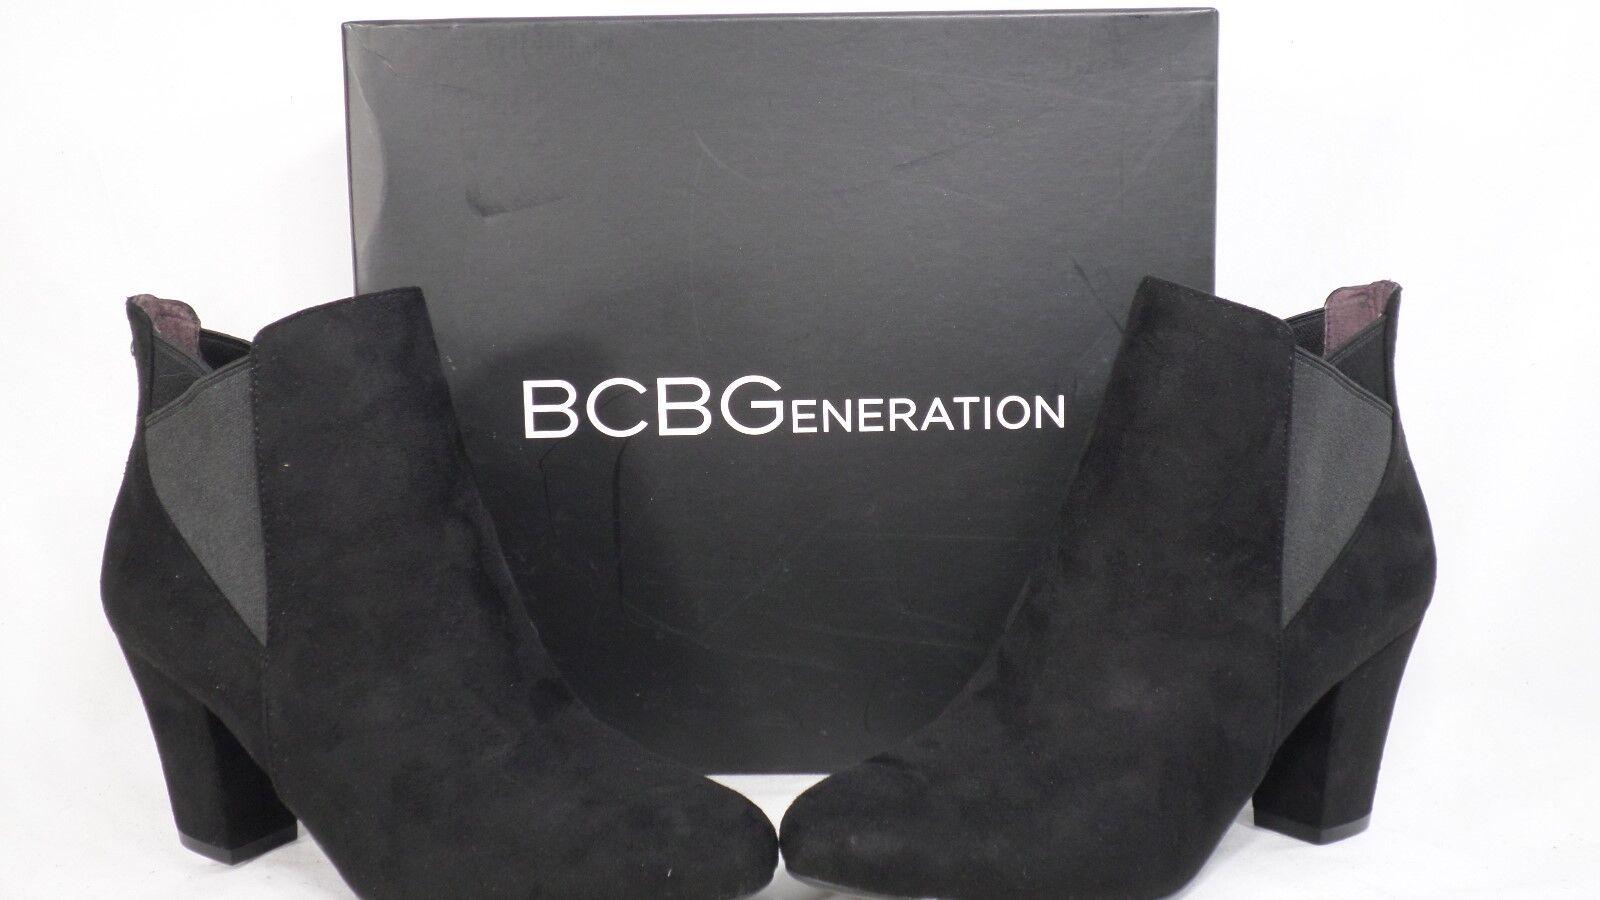 Bcbgeneration 'Dolan' Negro Imitación Imitación Imitación Gamuza tirar-en botín mujeres tamaño 6.5 M vestido  te hará satisfecho